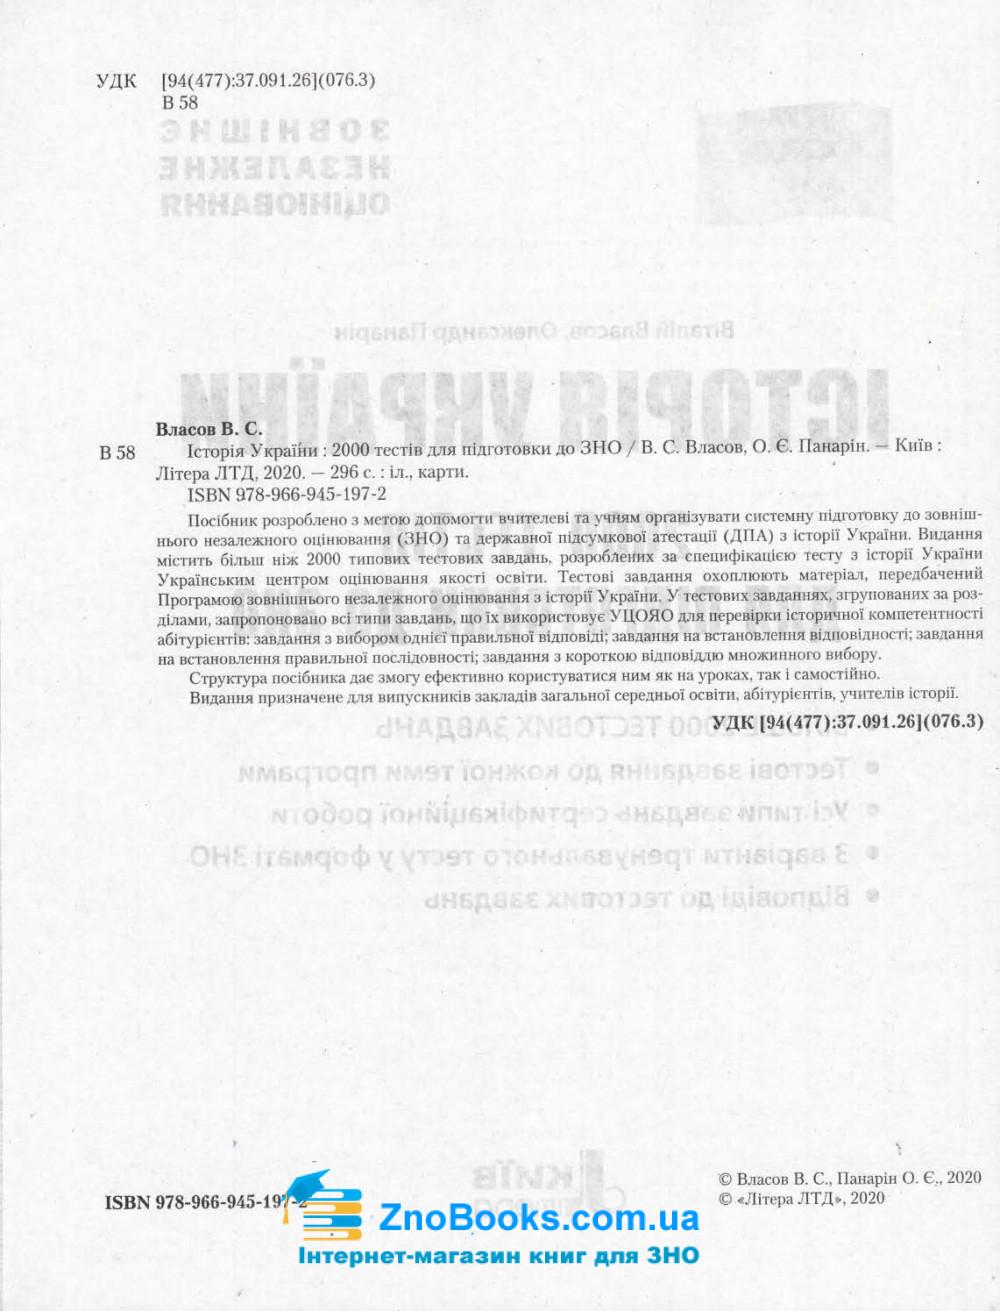 Історія України 2000 тестів до ЗНО : Власов В. Літера. купити 2